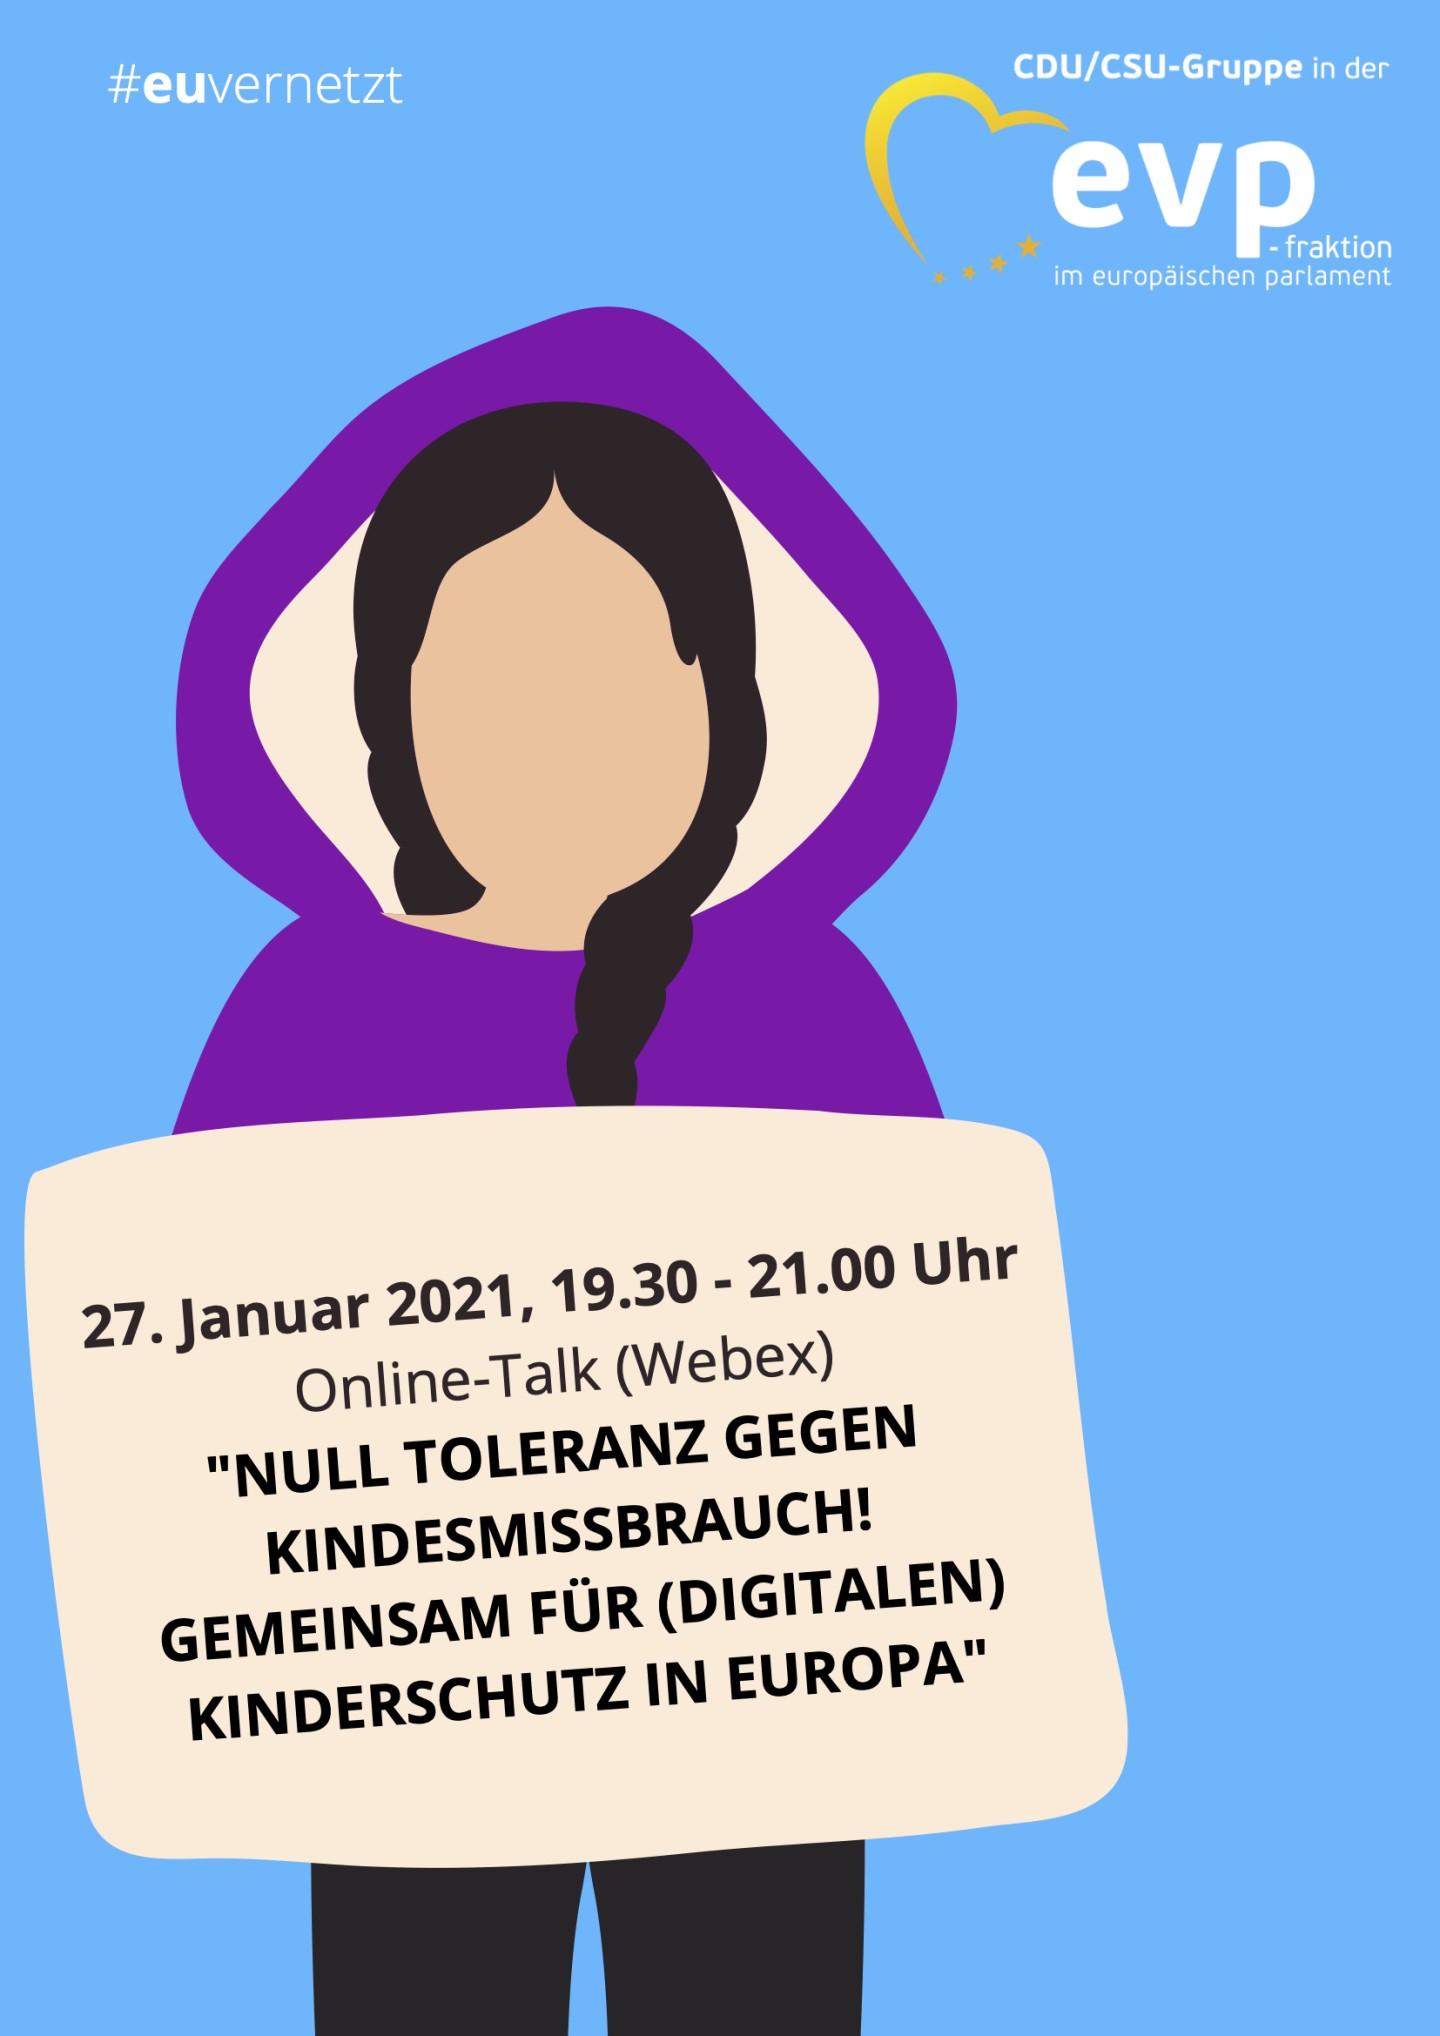 Null_Toleranz_gegen_Kindesmissbrauch[2]